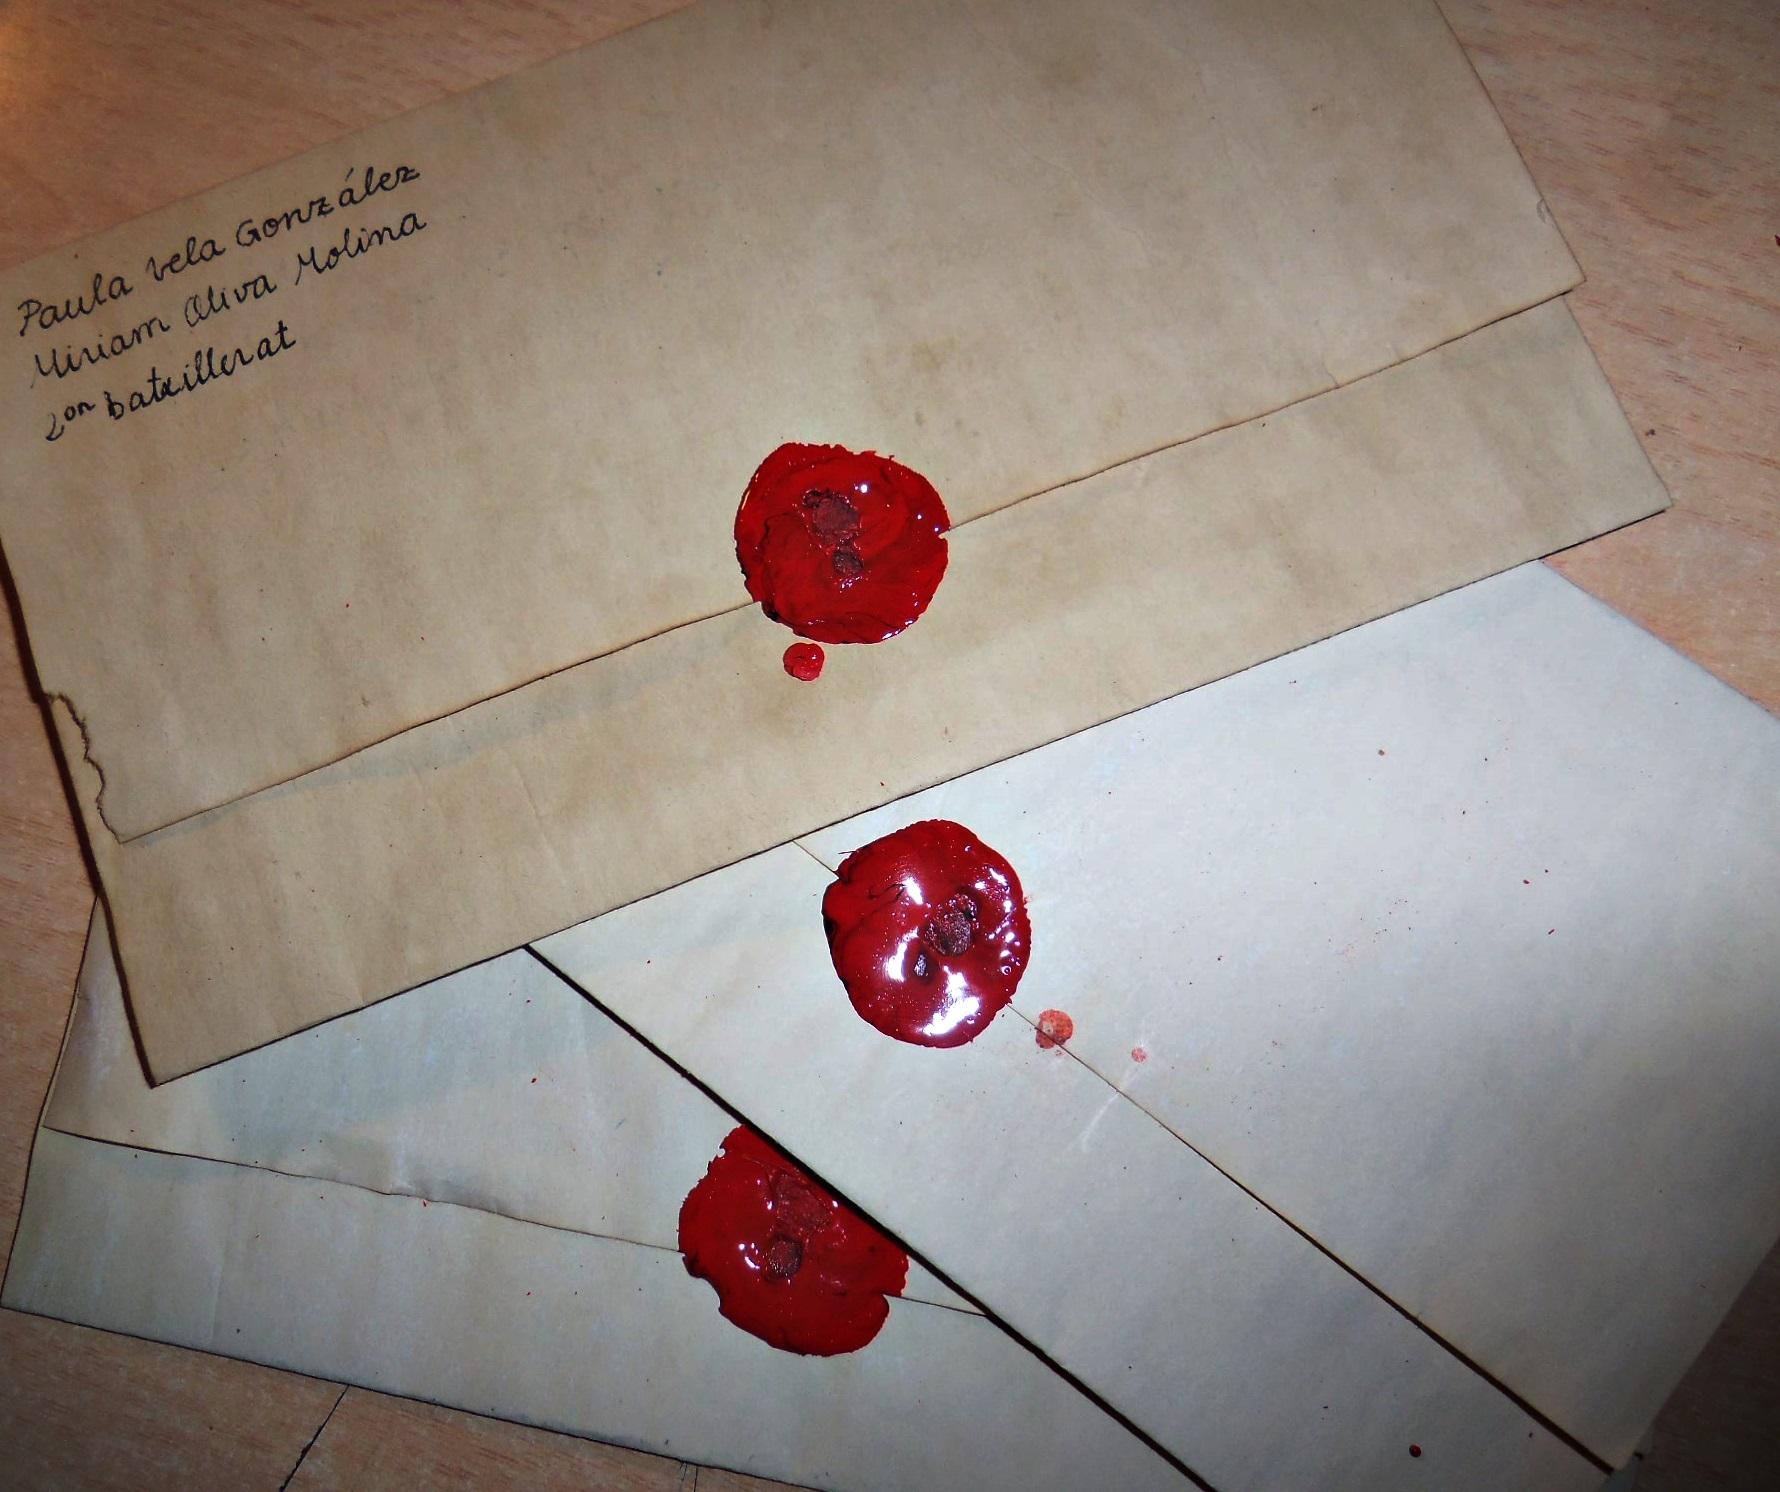 Cartes elaborades de forma casolana amb segell de lacre, imitant l'estil de les cartes antigues